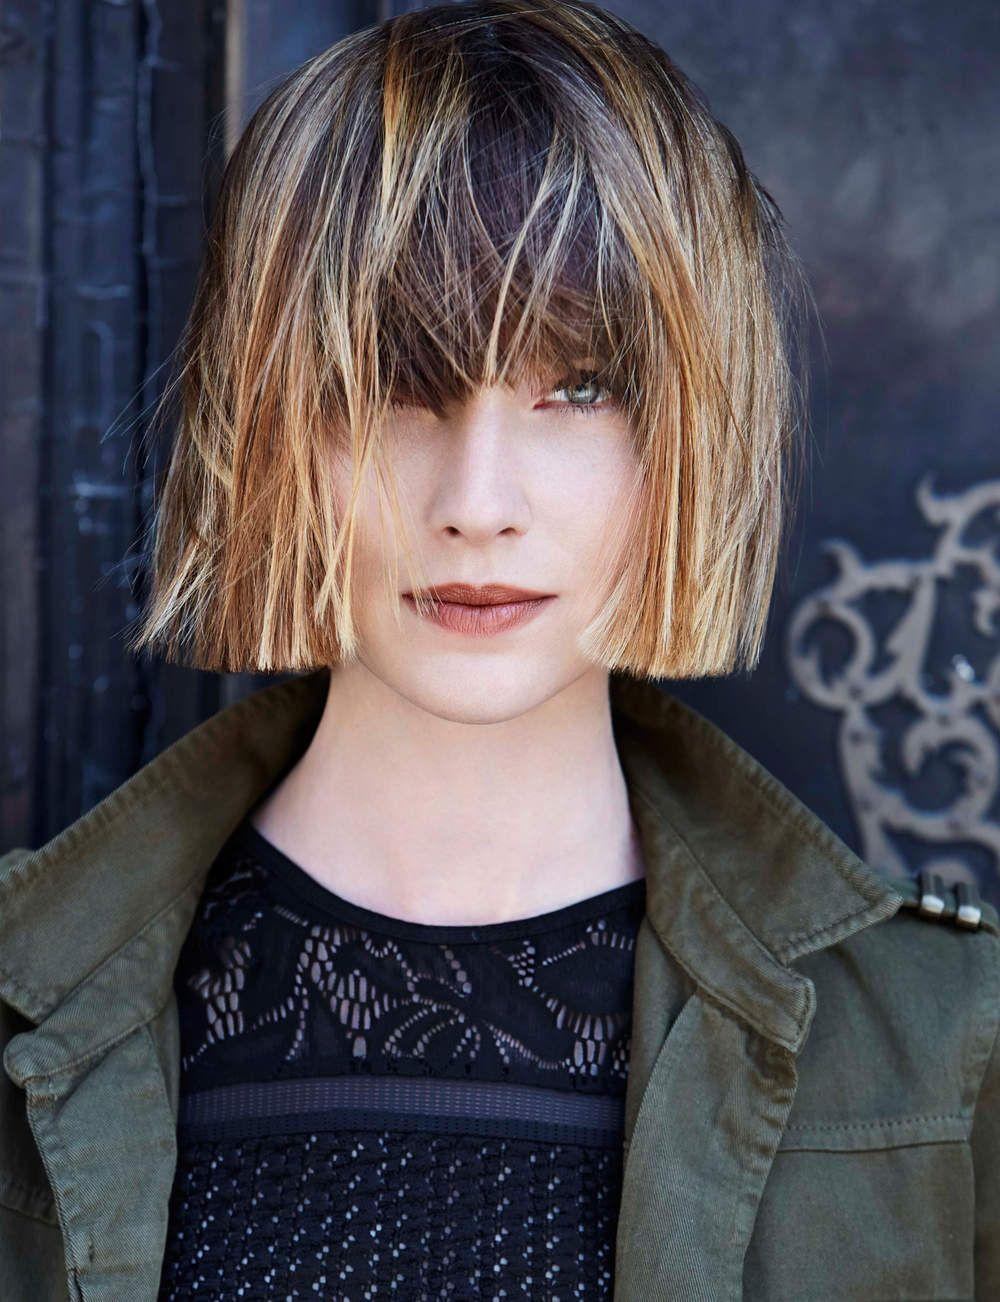 Les tendances coupes de cheveux de l'automne/hiver en 2019